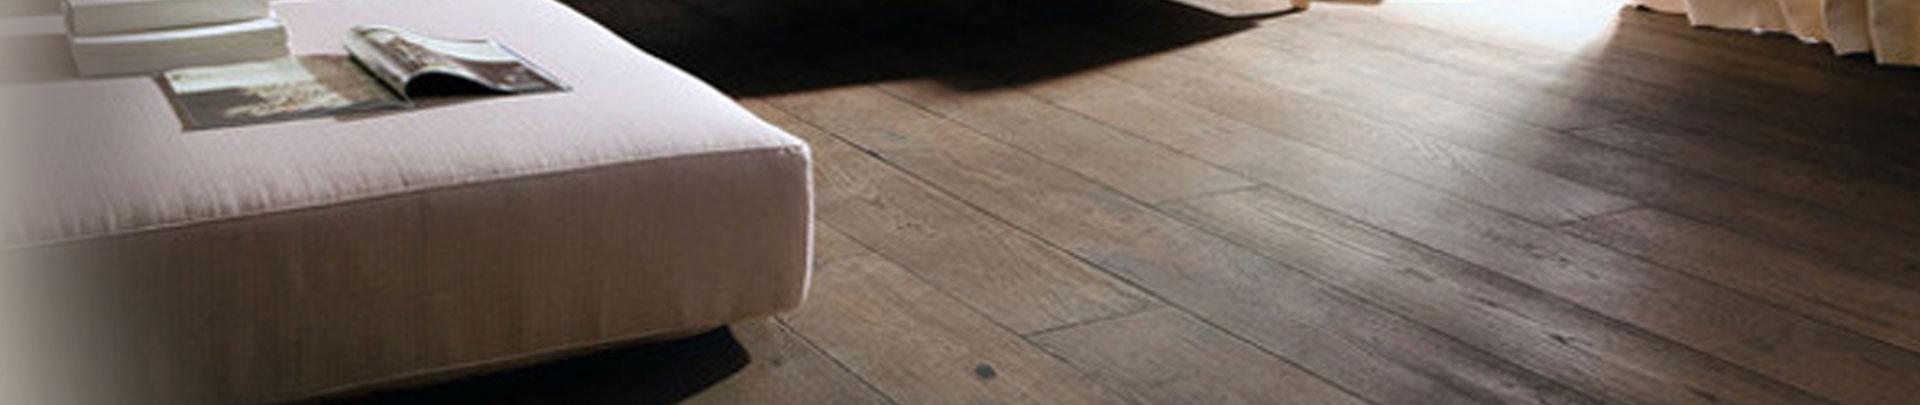 parquet cuba achat vente prix devis et pose de parquets de la marque lamett boutique. Black Bedroom Furniture Sets. Home Design Ideas